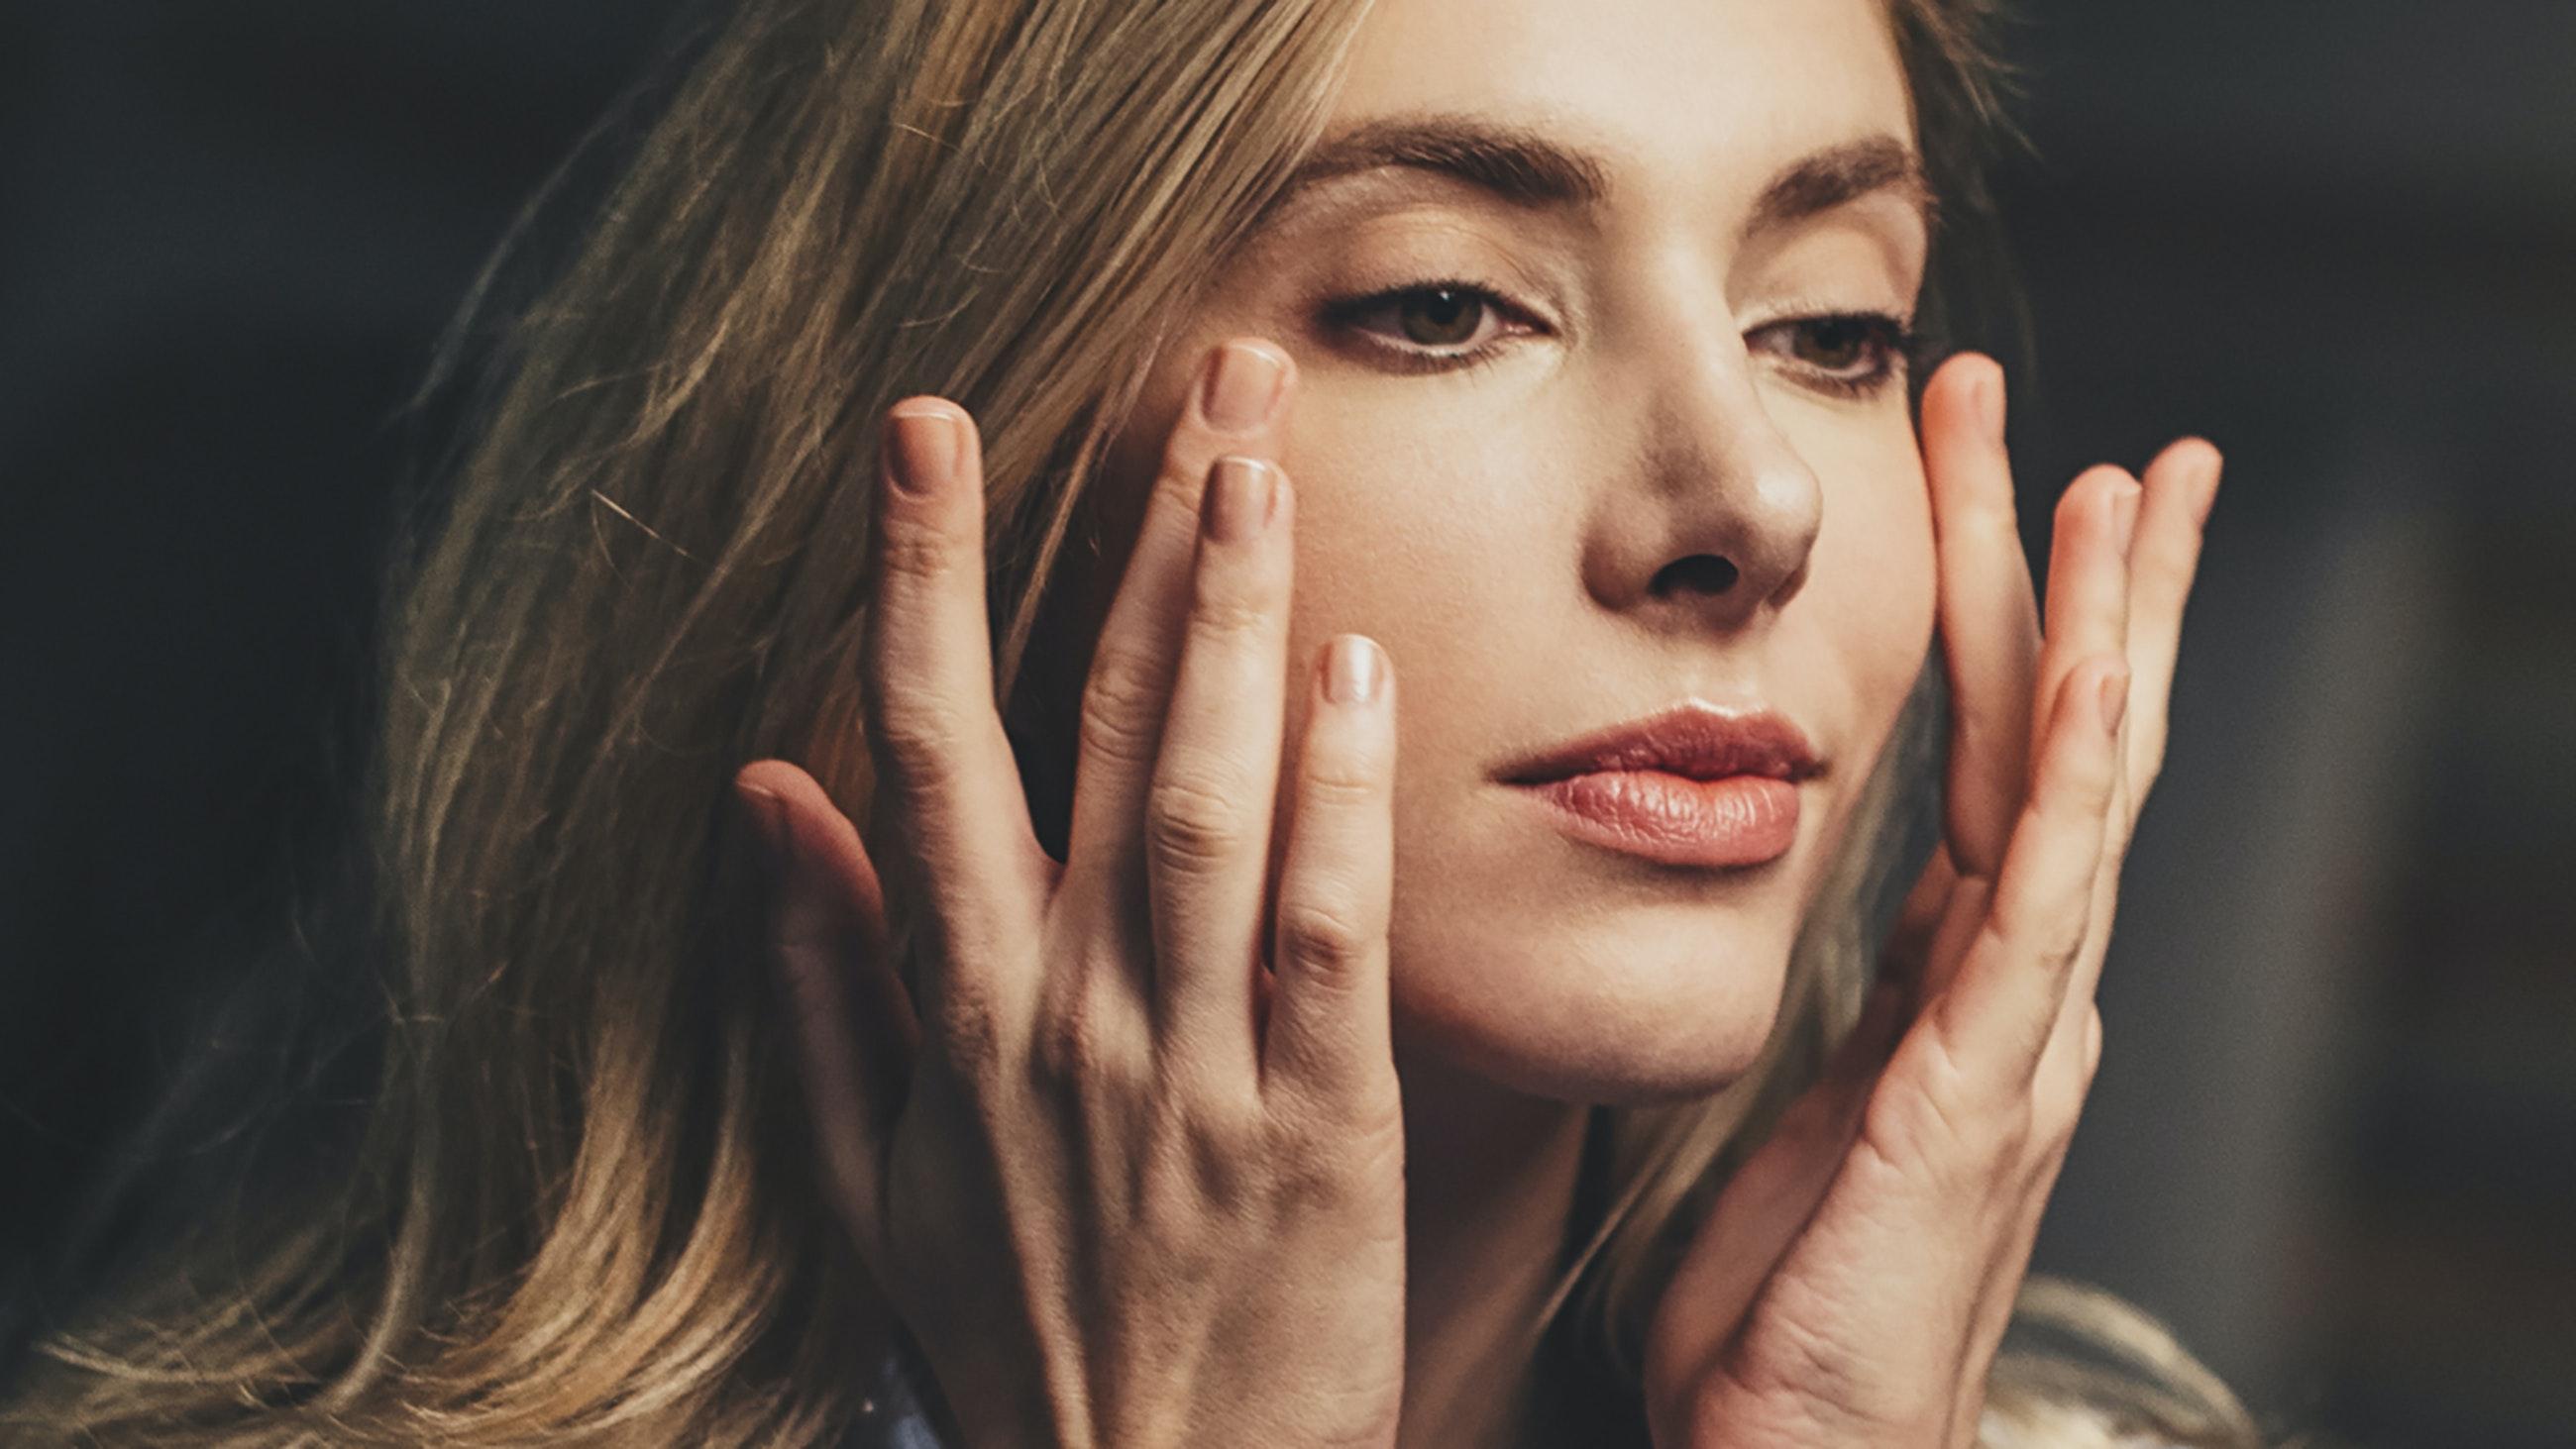 womaning touching cheeks